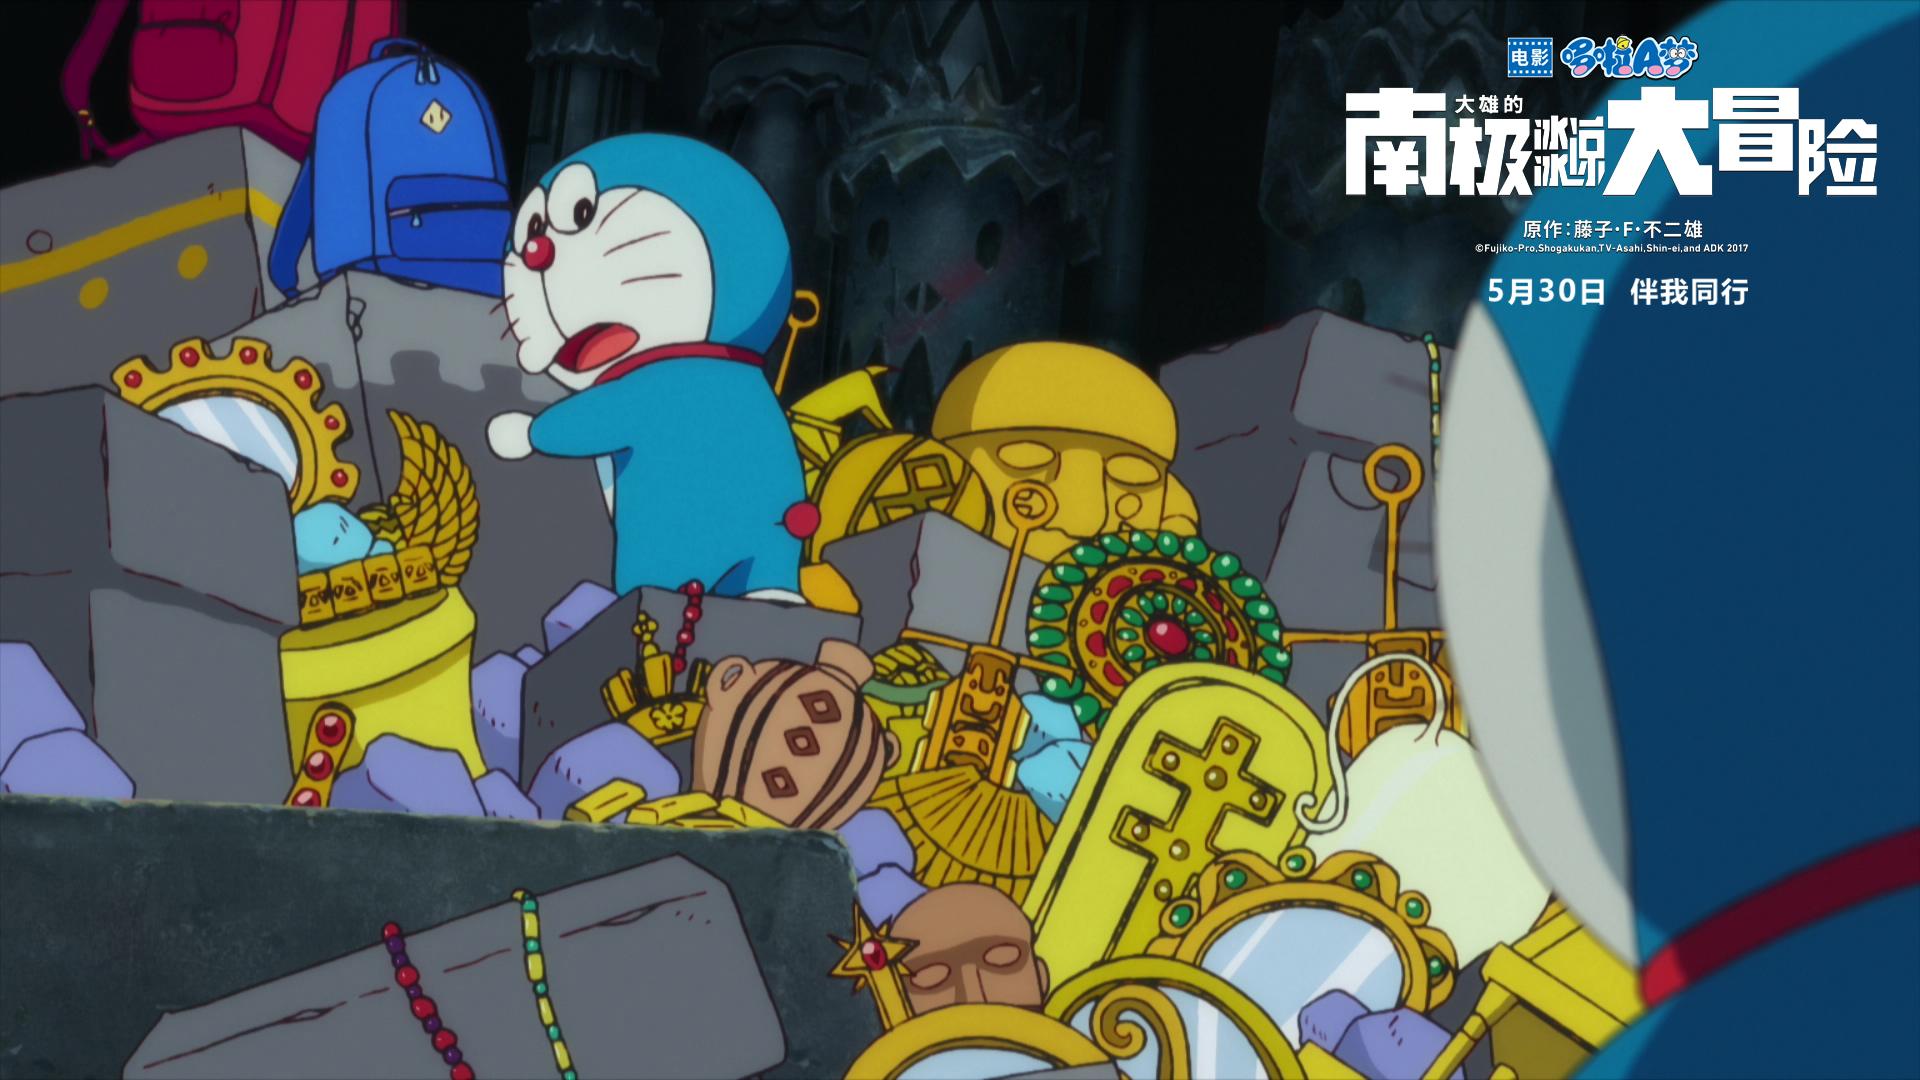 哆啦A梦 剧场版定档5.30 五人组南极大冒险图片